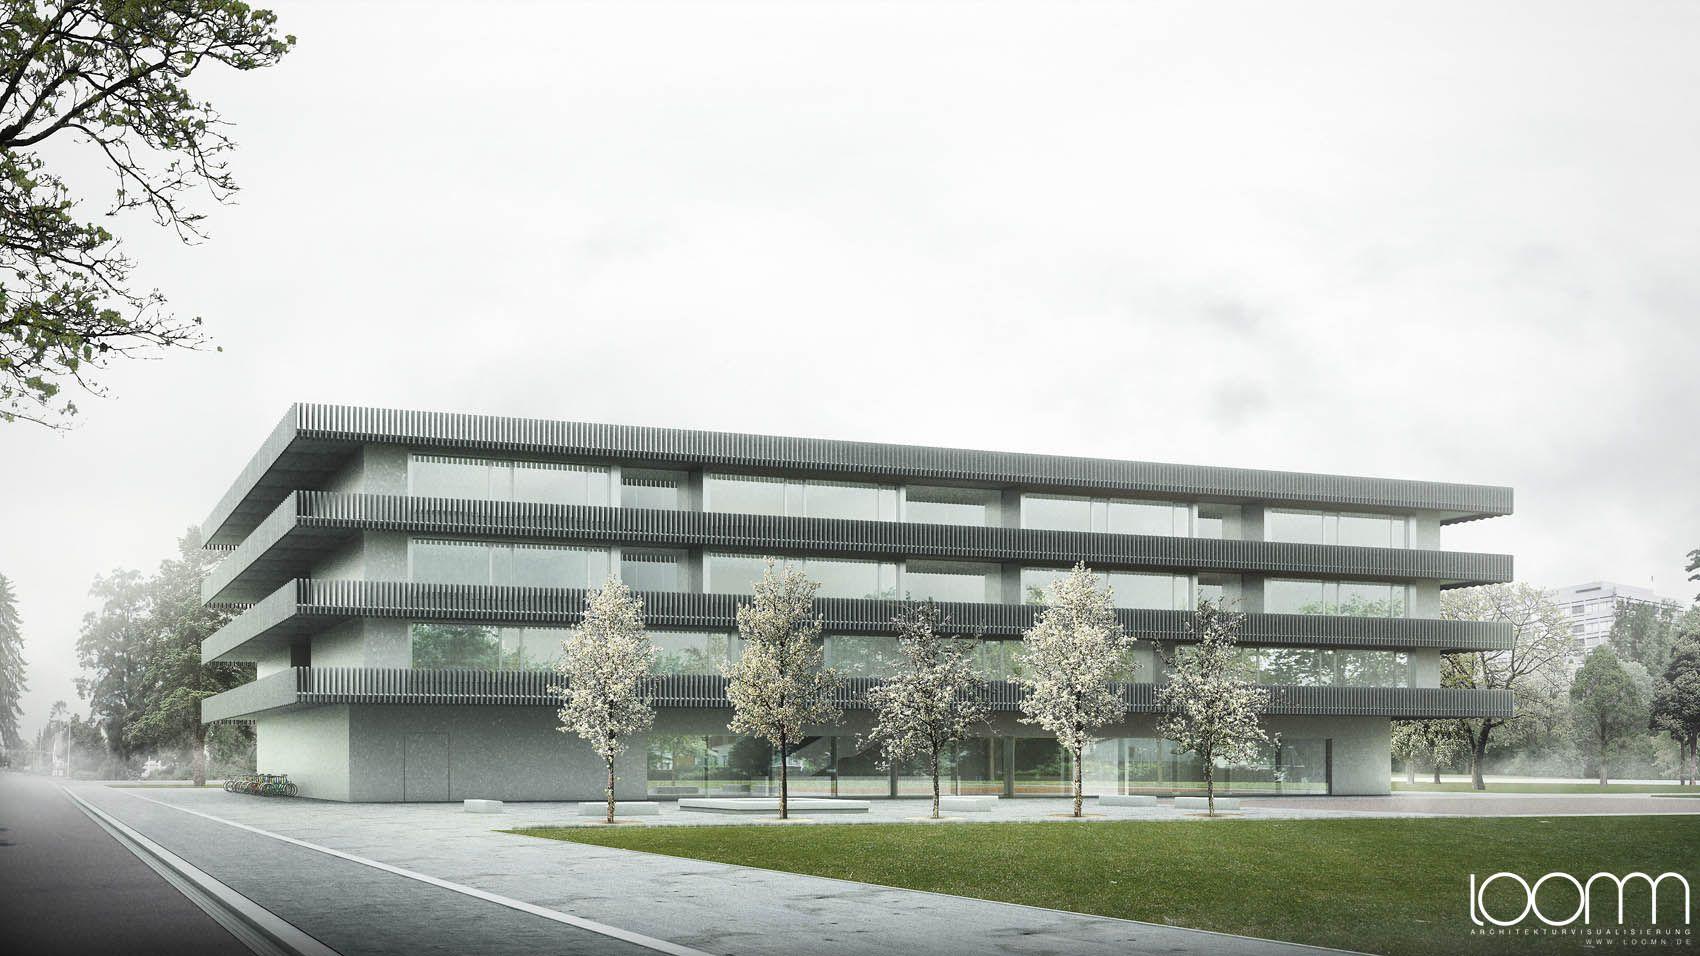 130726-Visualisierung-Arge-Boegli-Kramp-Architekten-AG-Gruner ...